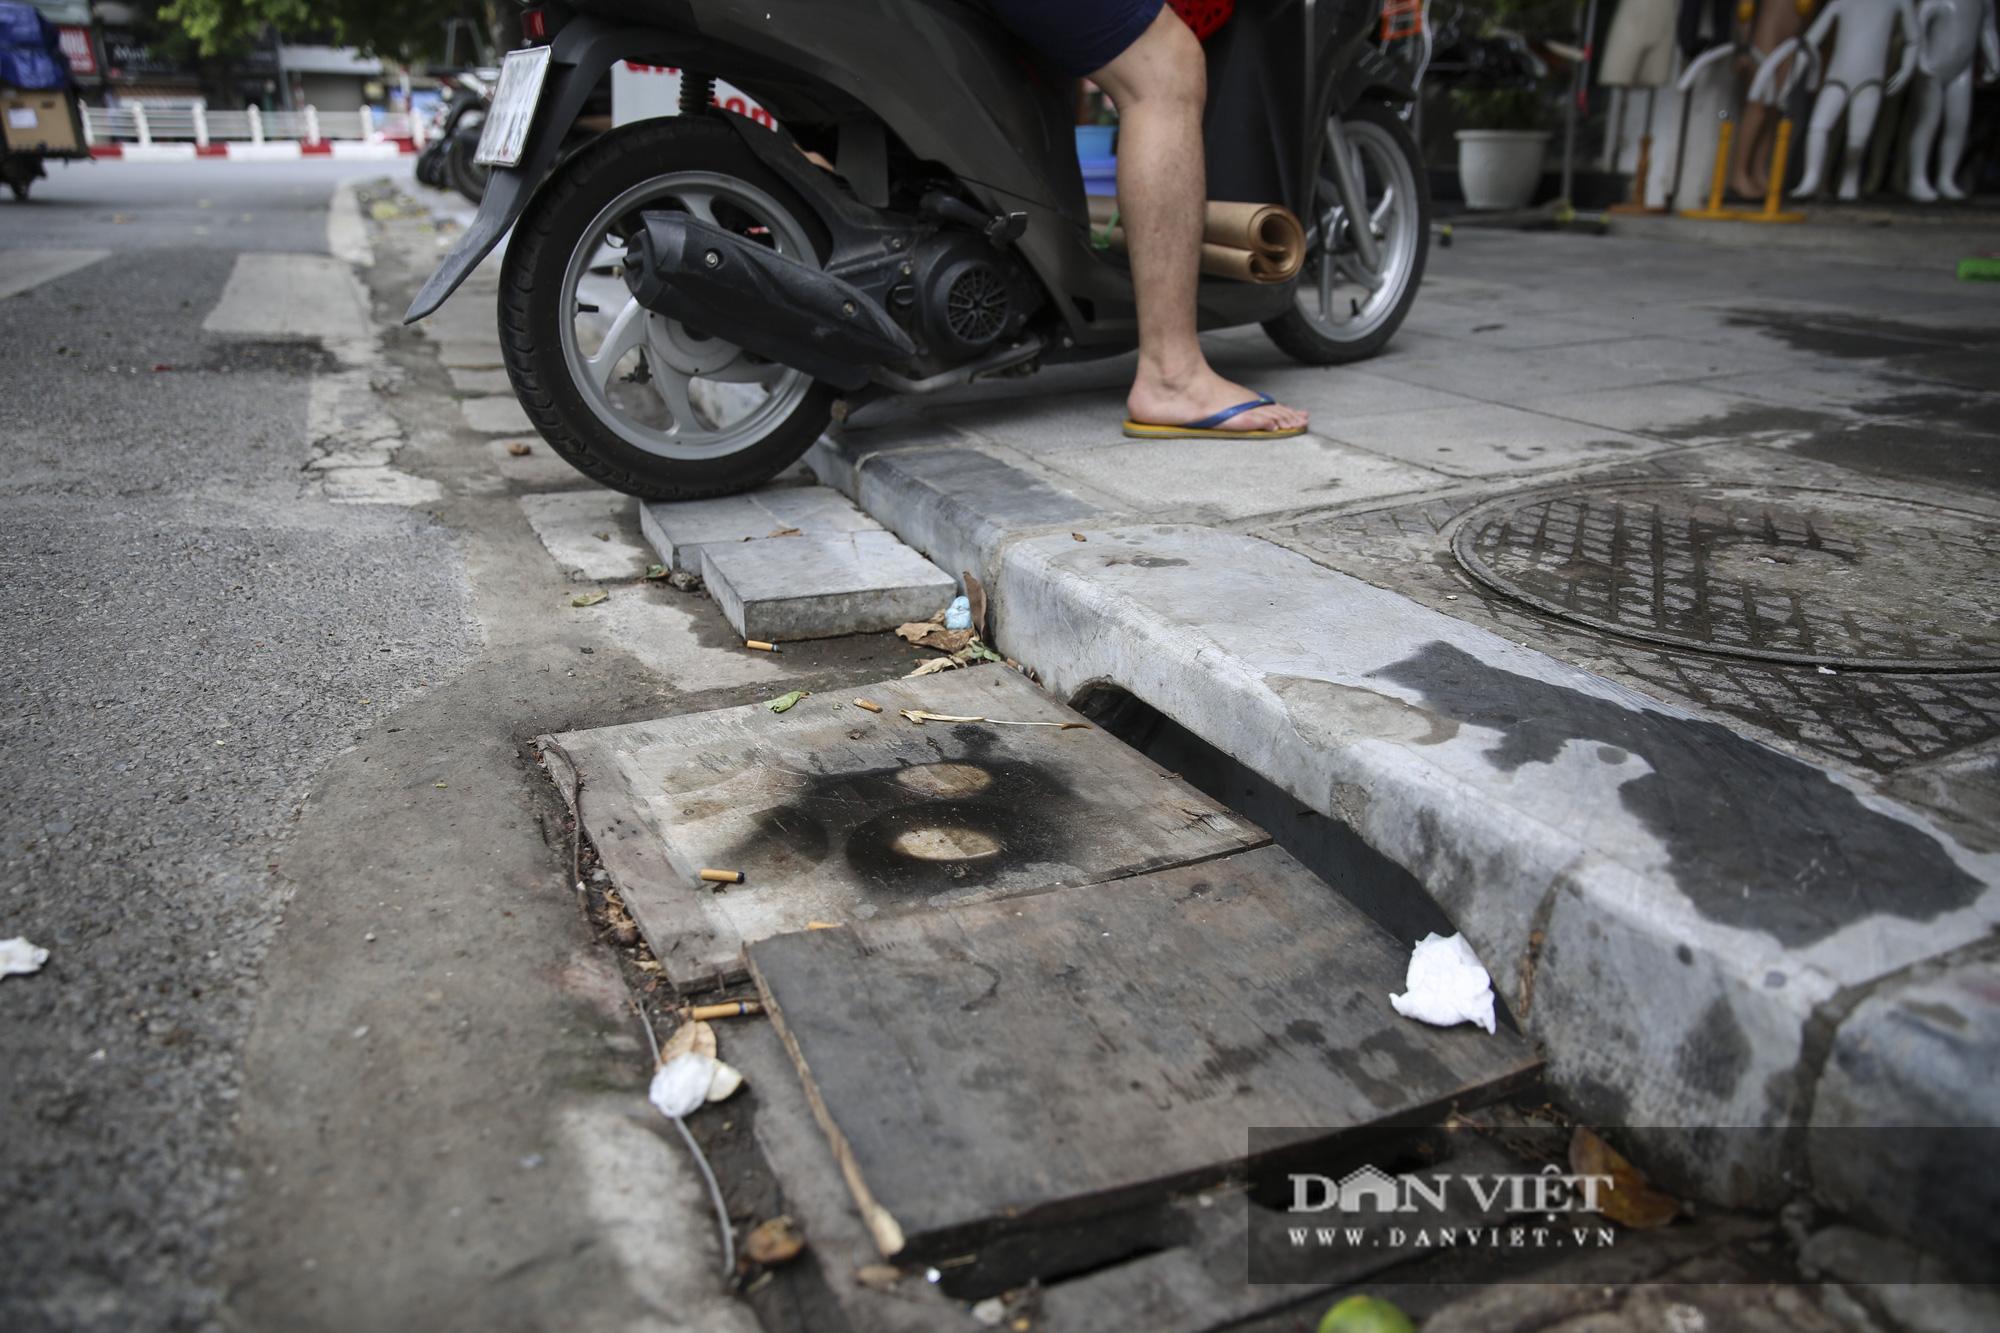 Hệ thống thoát nước bị xâm lấn, Hà Nội đứng trước nguy cơ ngập úng do mưa bão - Ảnh 6.